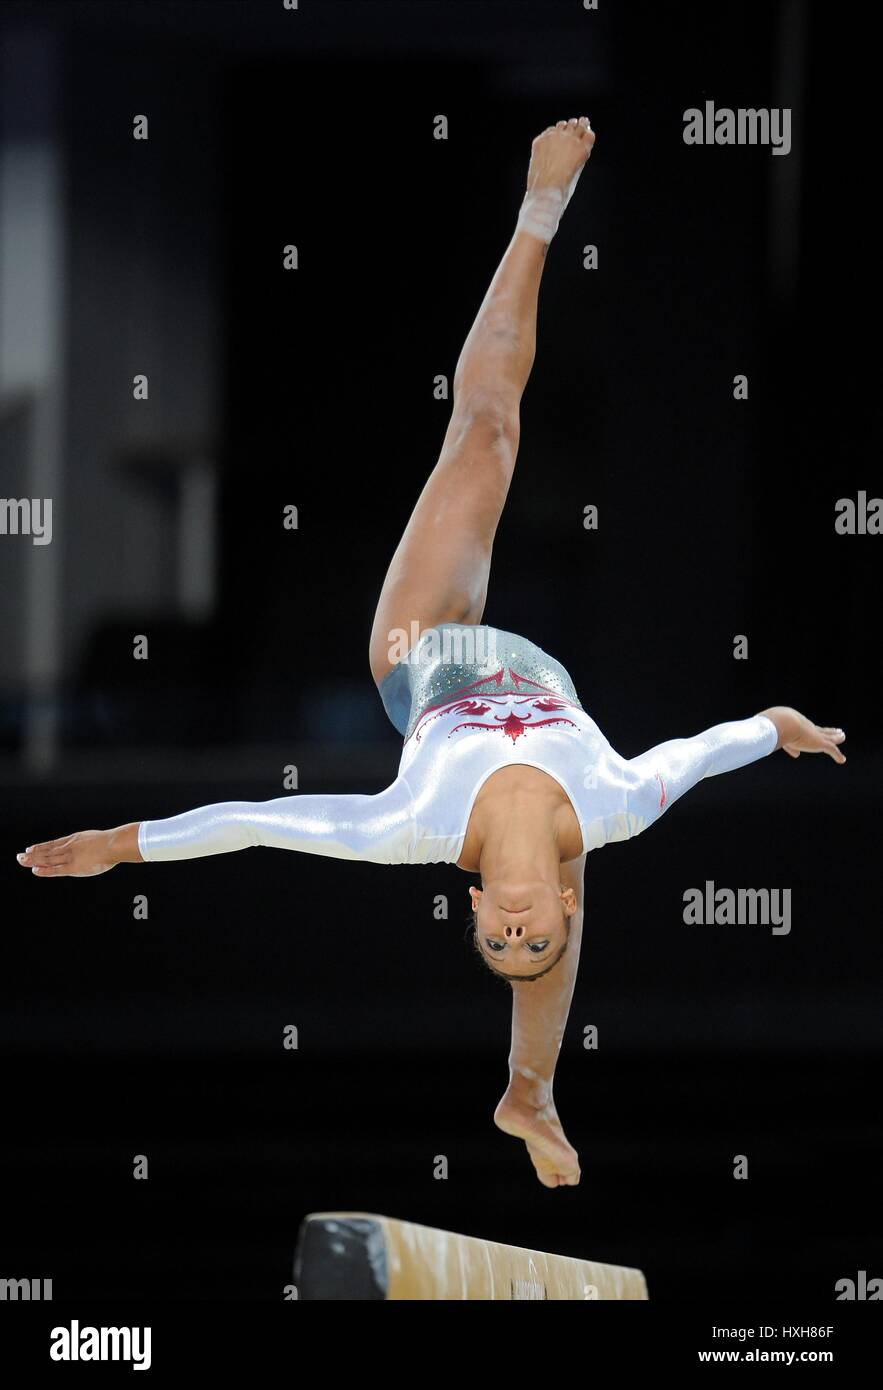 CLAUDIA FRAGAPANE della ginnastica la ginnastica è la SSE IDRO GLASGOW Scozia 29 Luglio 2014 Immagini Stock